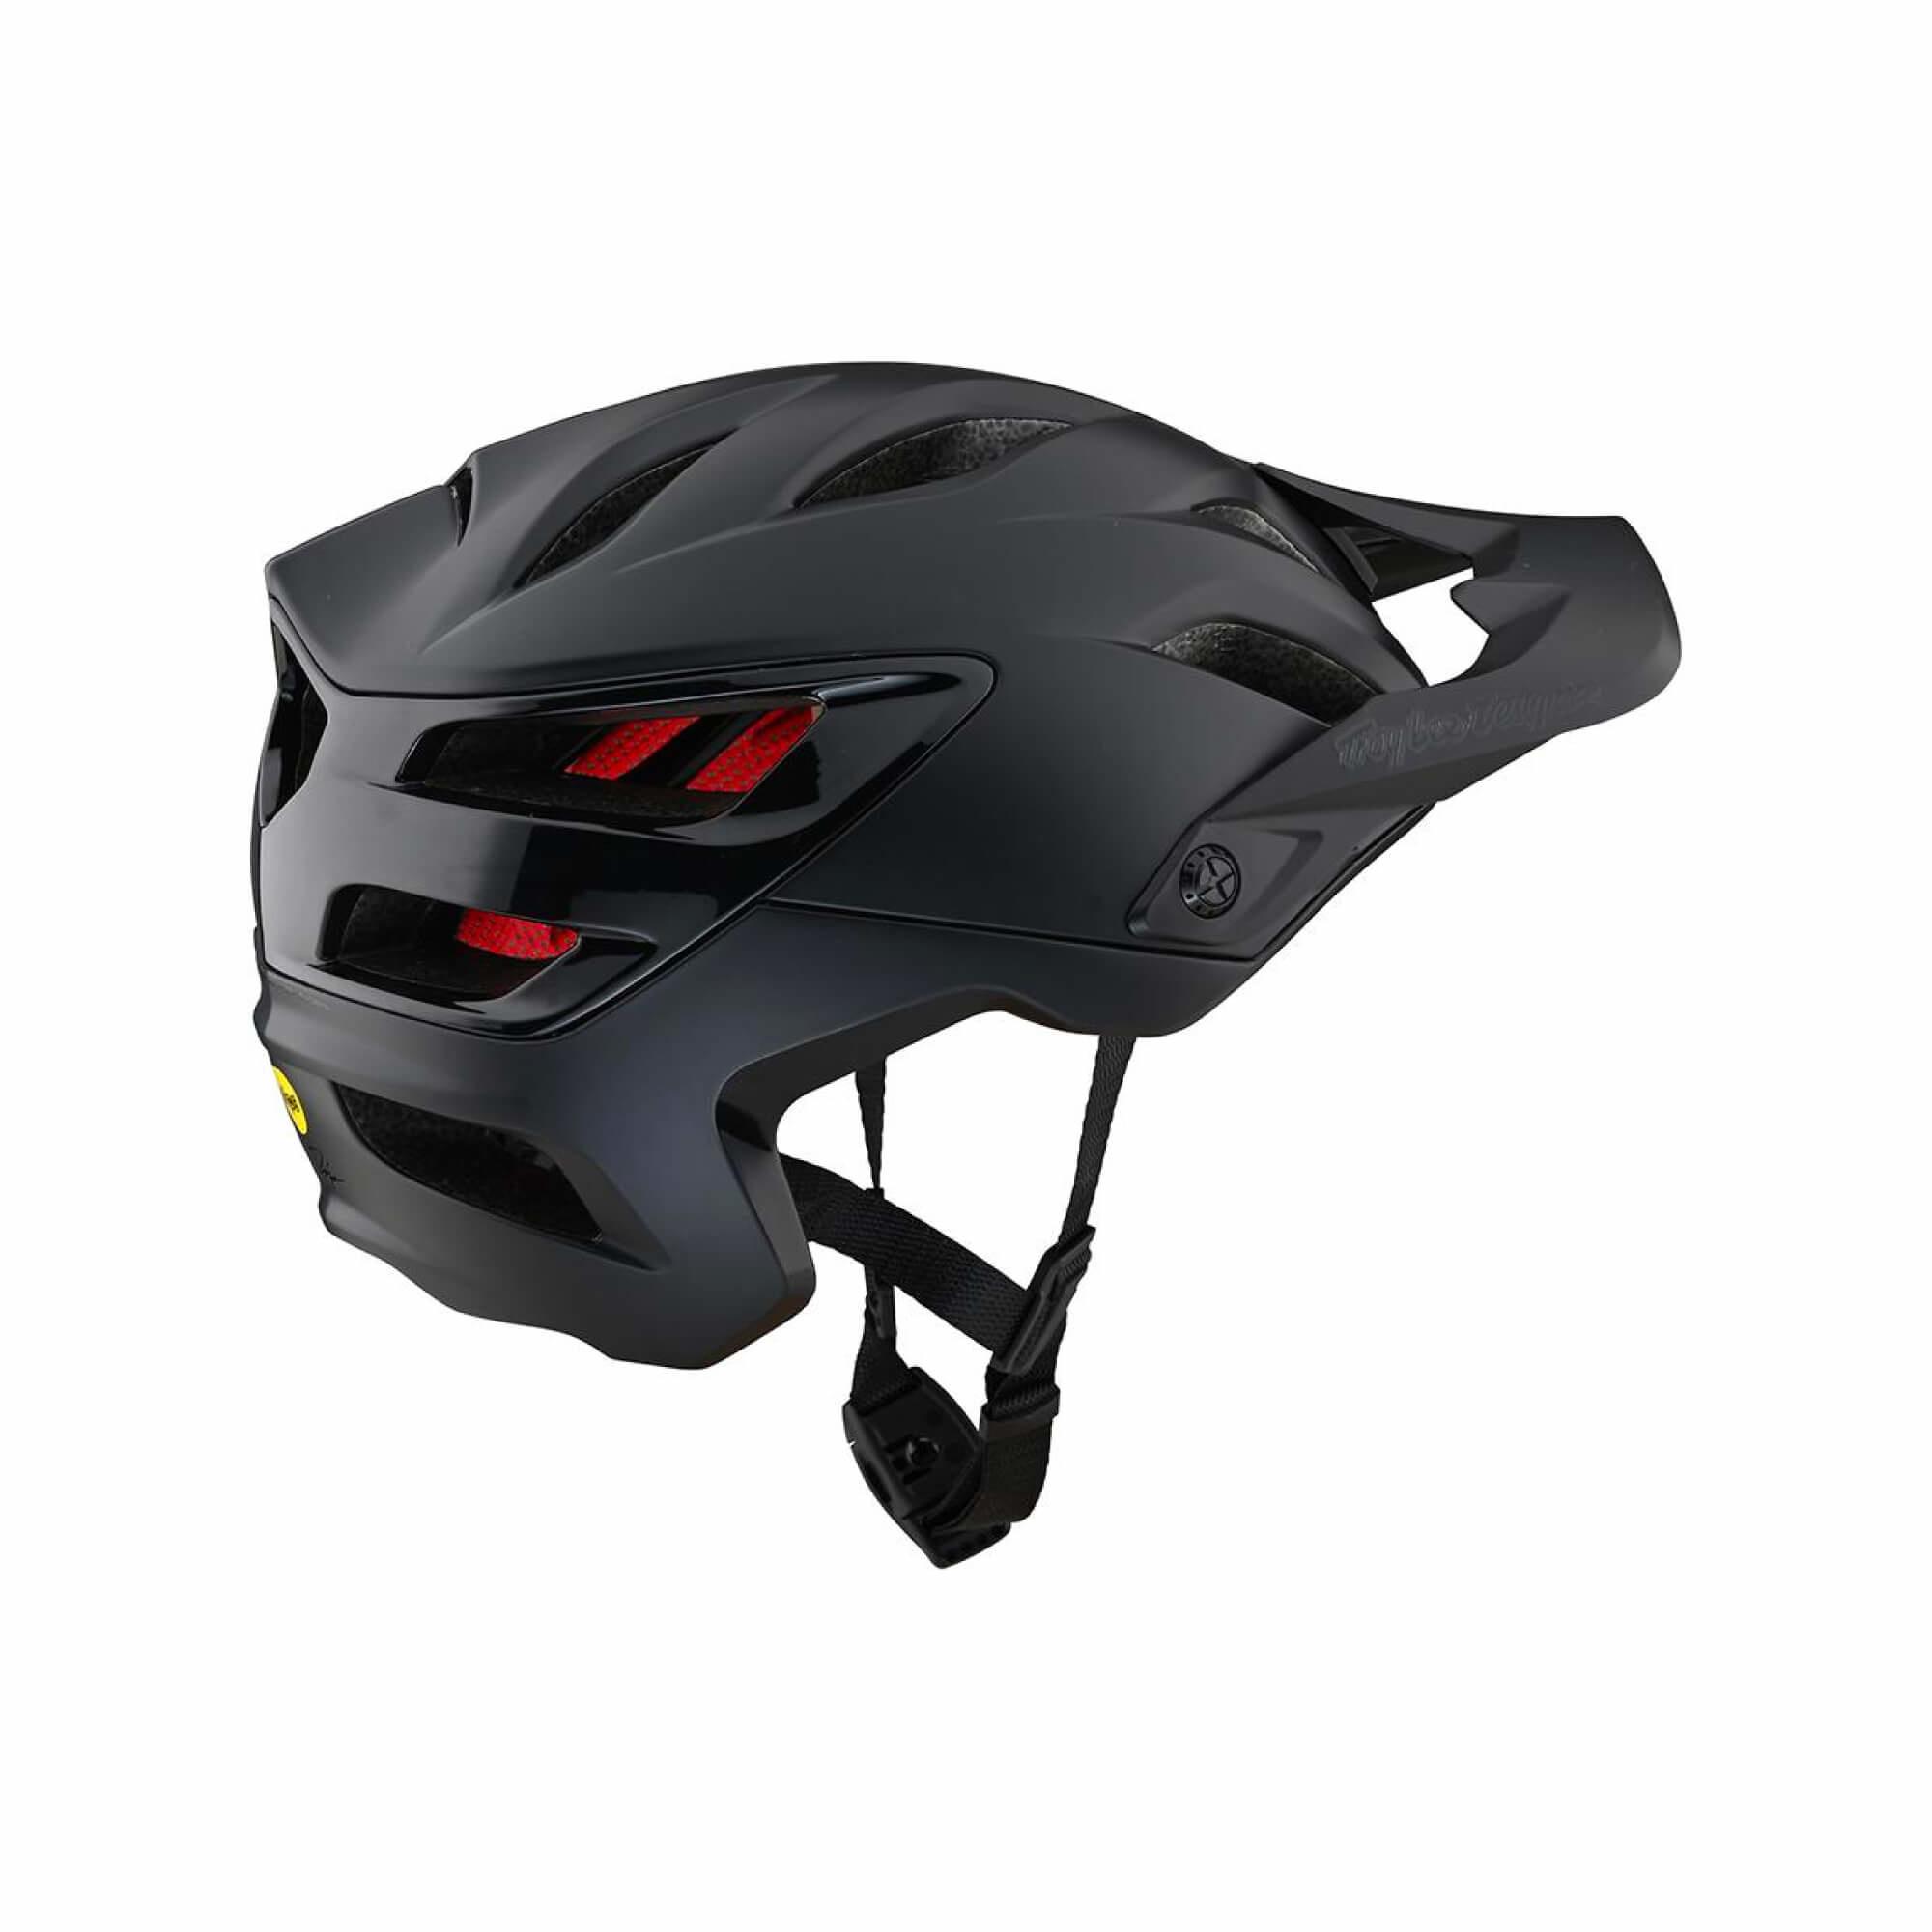 A3 As Mips Helmet Uno 2021-2